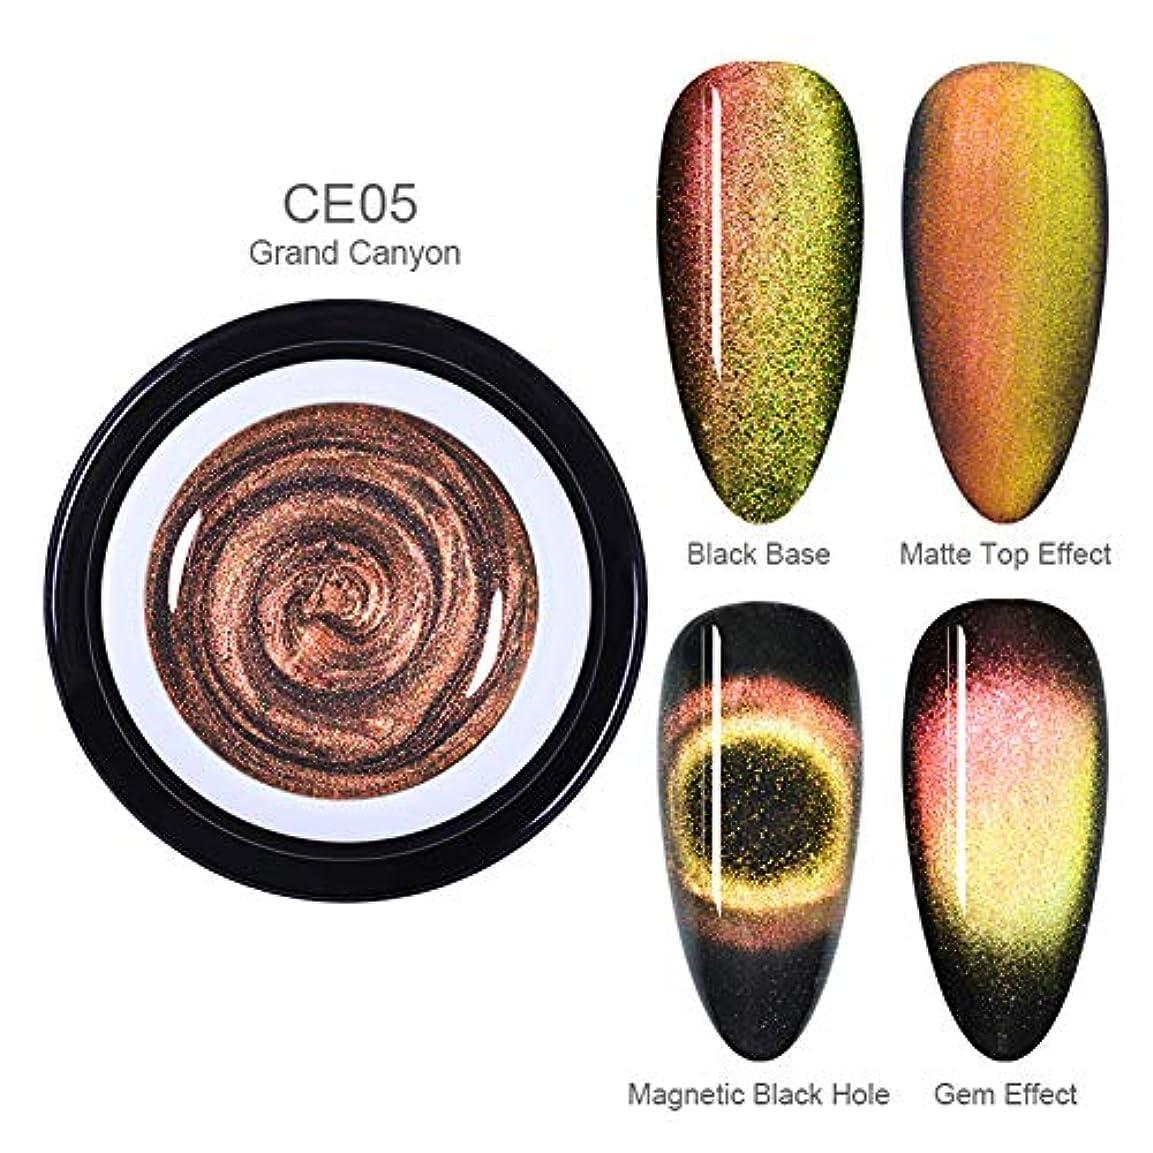 オートメーションはさみ規定BORN PRETTY 9Dキャッツアイジェルカラー 磁石で模様が変わる 6ml 6色選択可 UV/LED対応 ジェルネイルアート (BP-CE05 Grand Canyon)